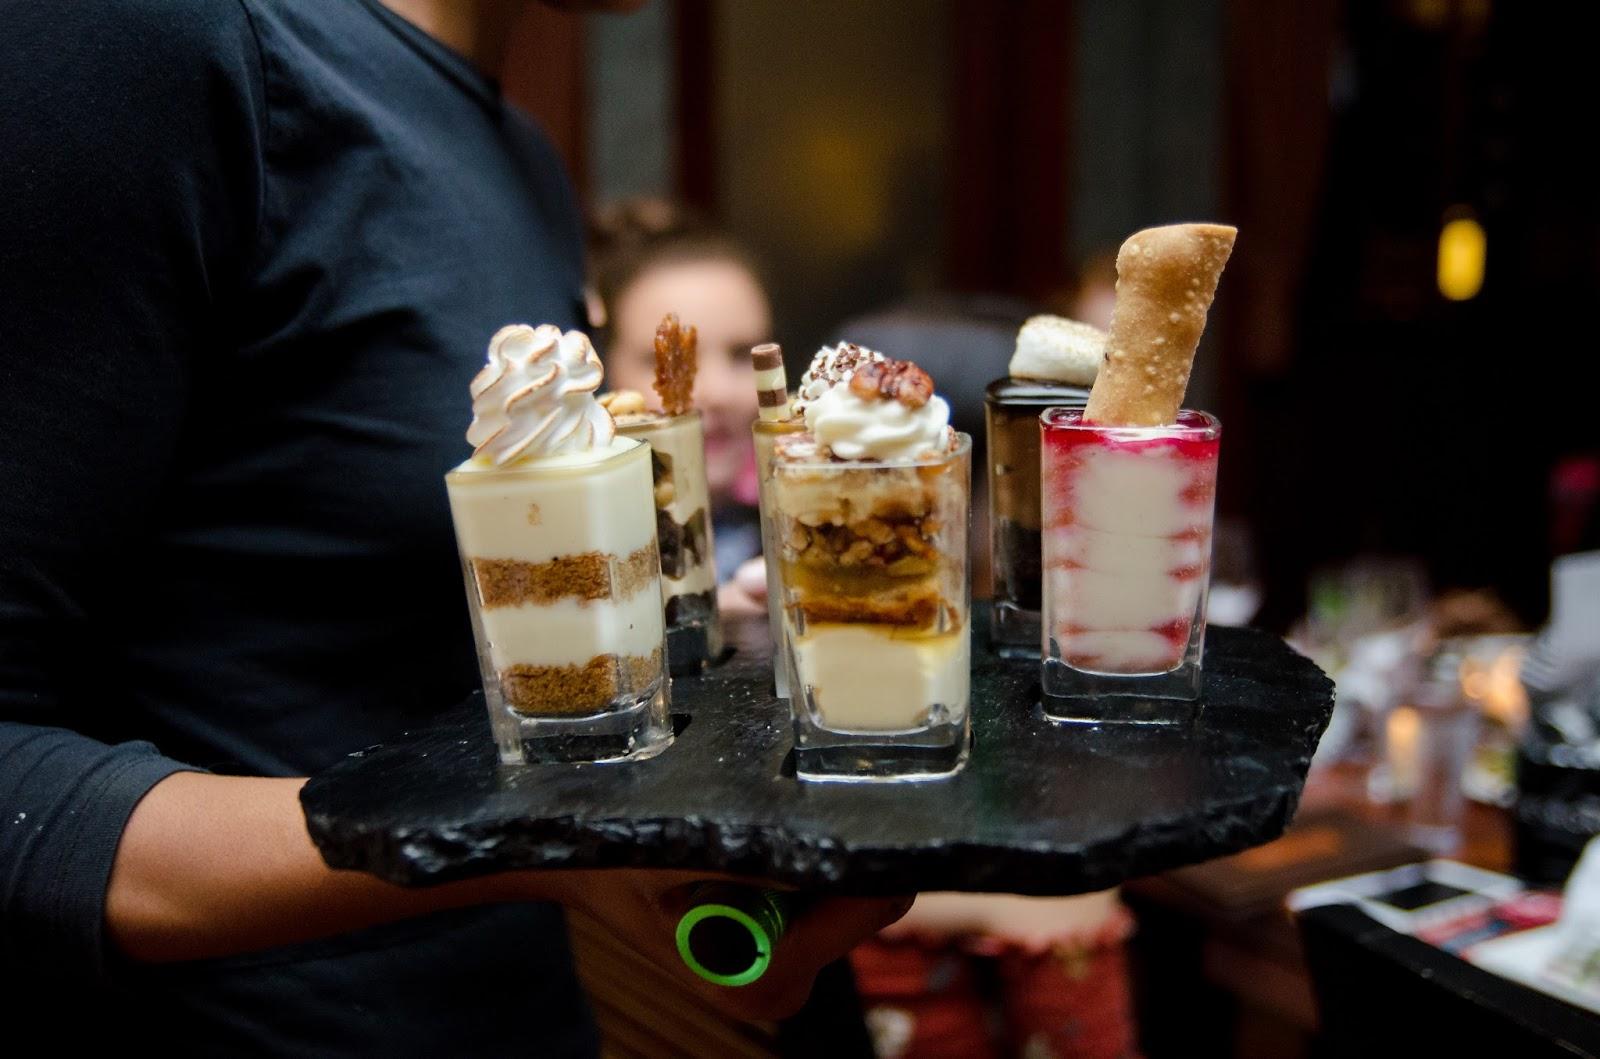 Studio 52 Desserts